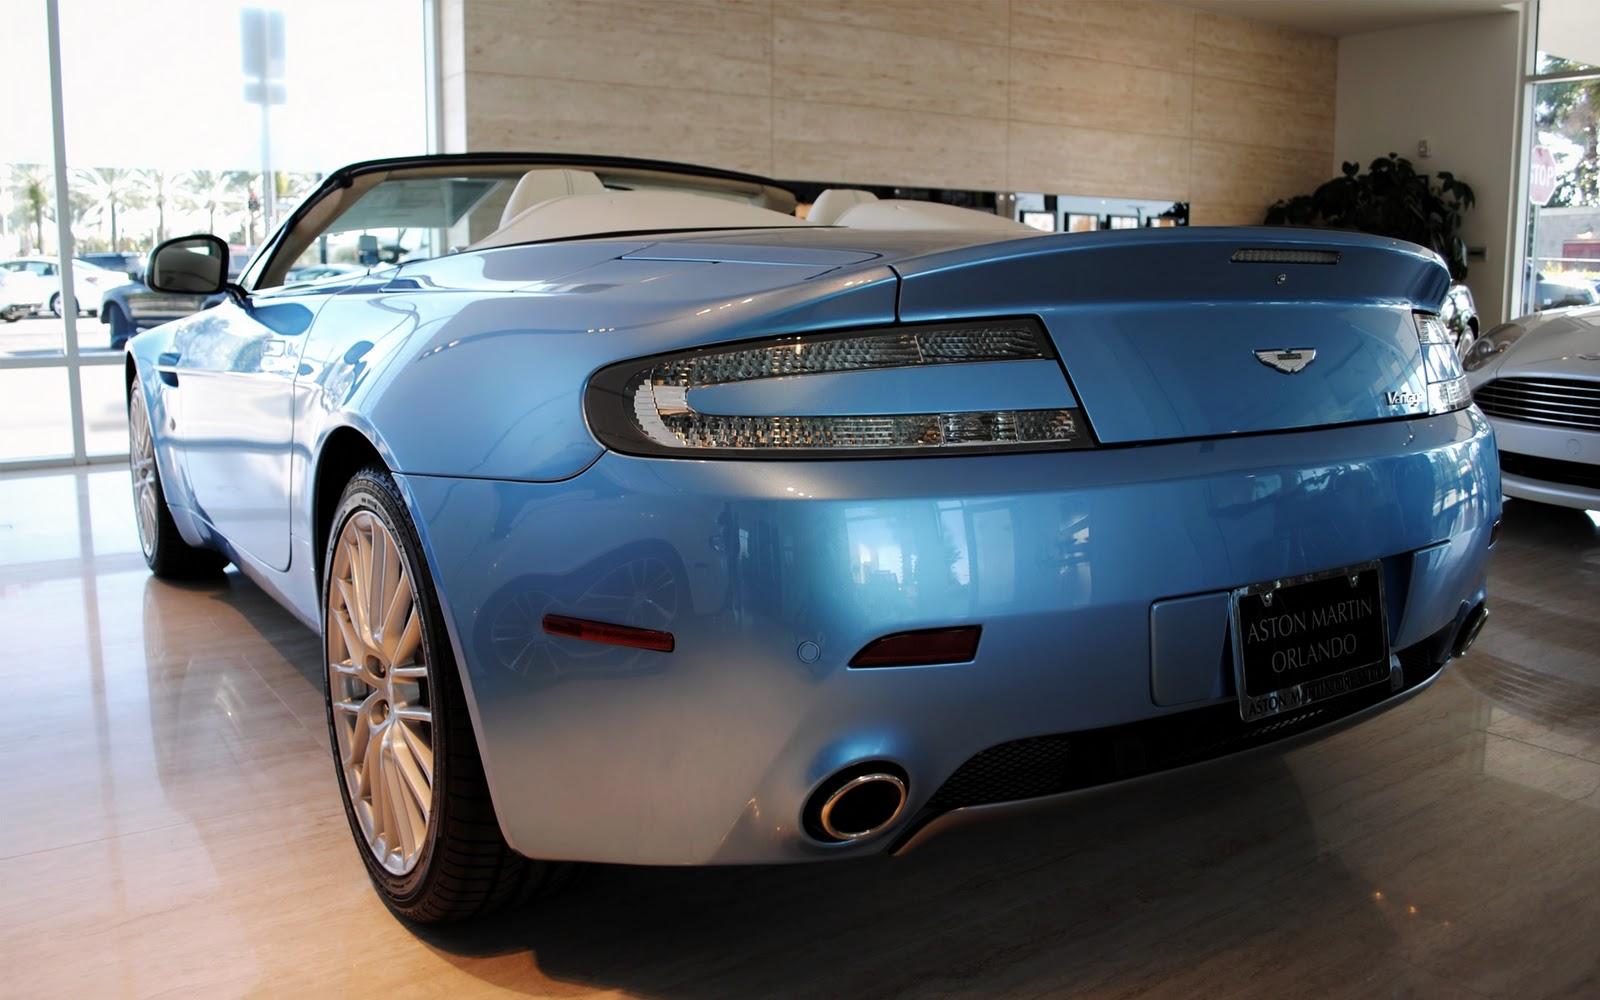 Blue Aston Martin Vantage Orlando Cabrio Wallpapers